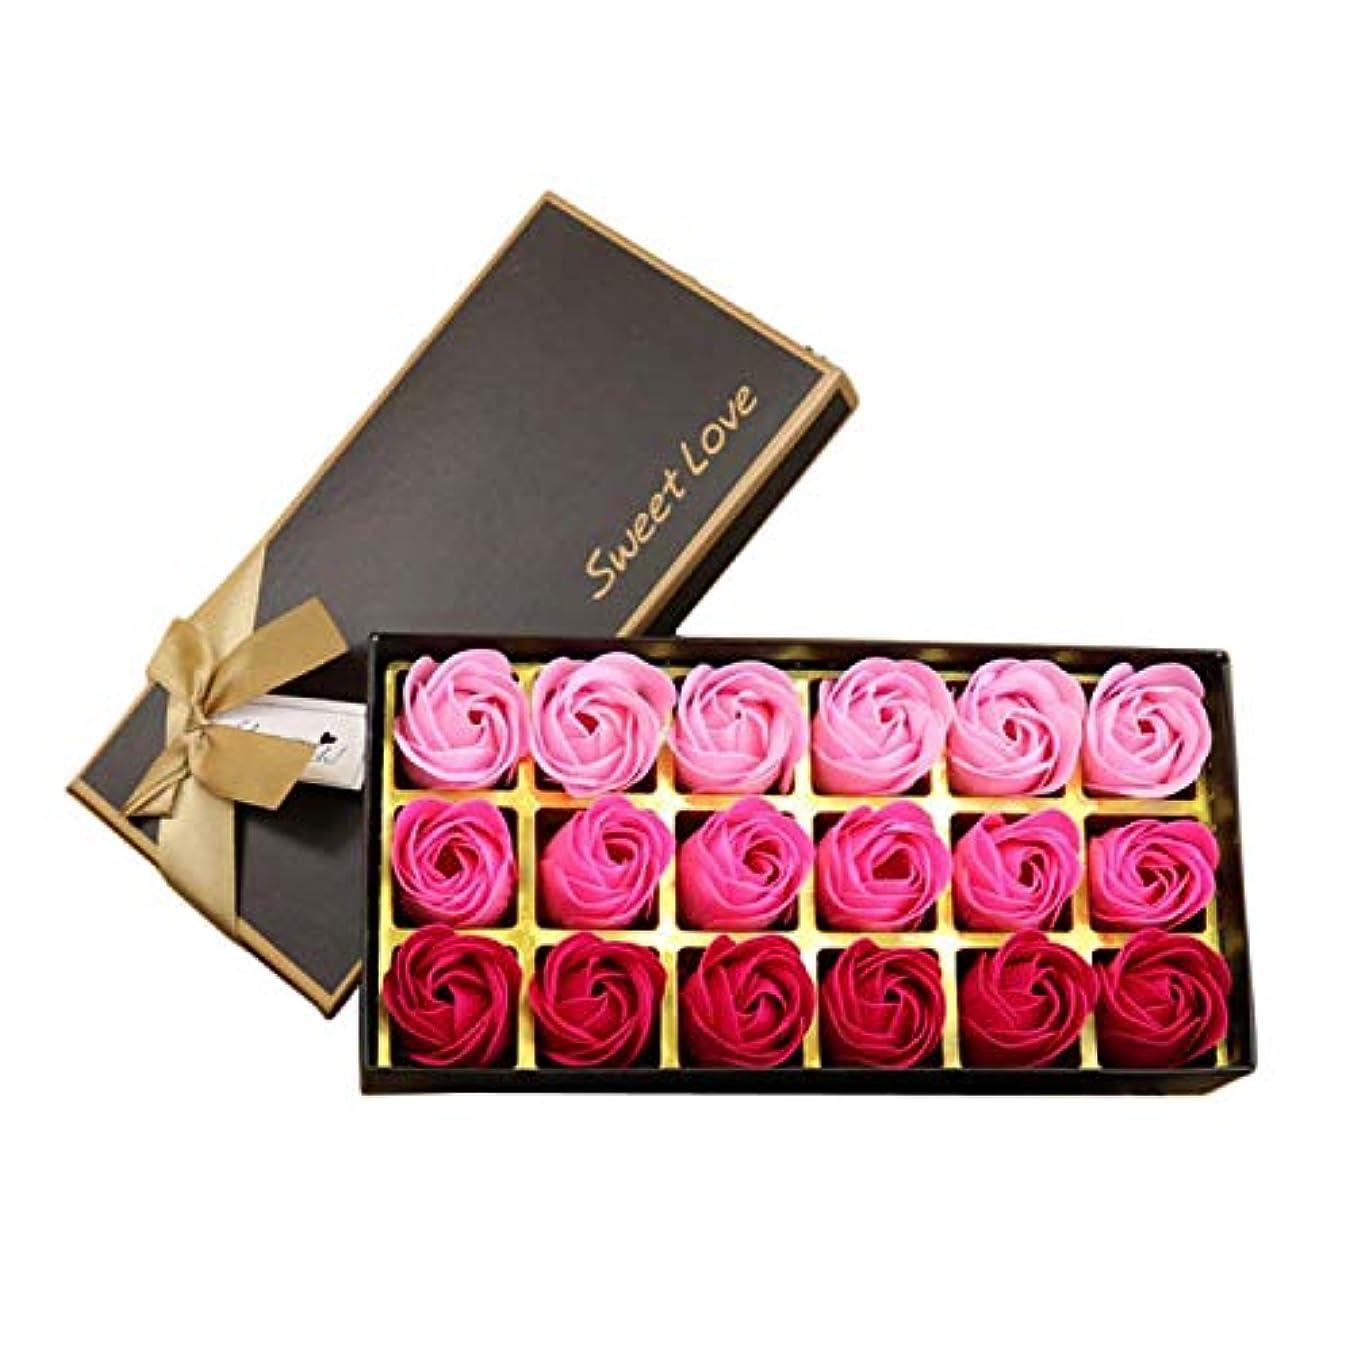 公使館キャリア異なるサントレード 18枚入り 花の香 せっけん バスソープ せっけん ローズフラワー形 ロマンティック 記念日 誕生日 結婚式 バレンタインデー プレゼント (ピンク)